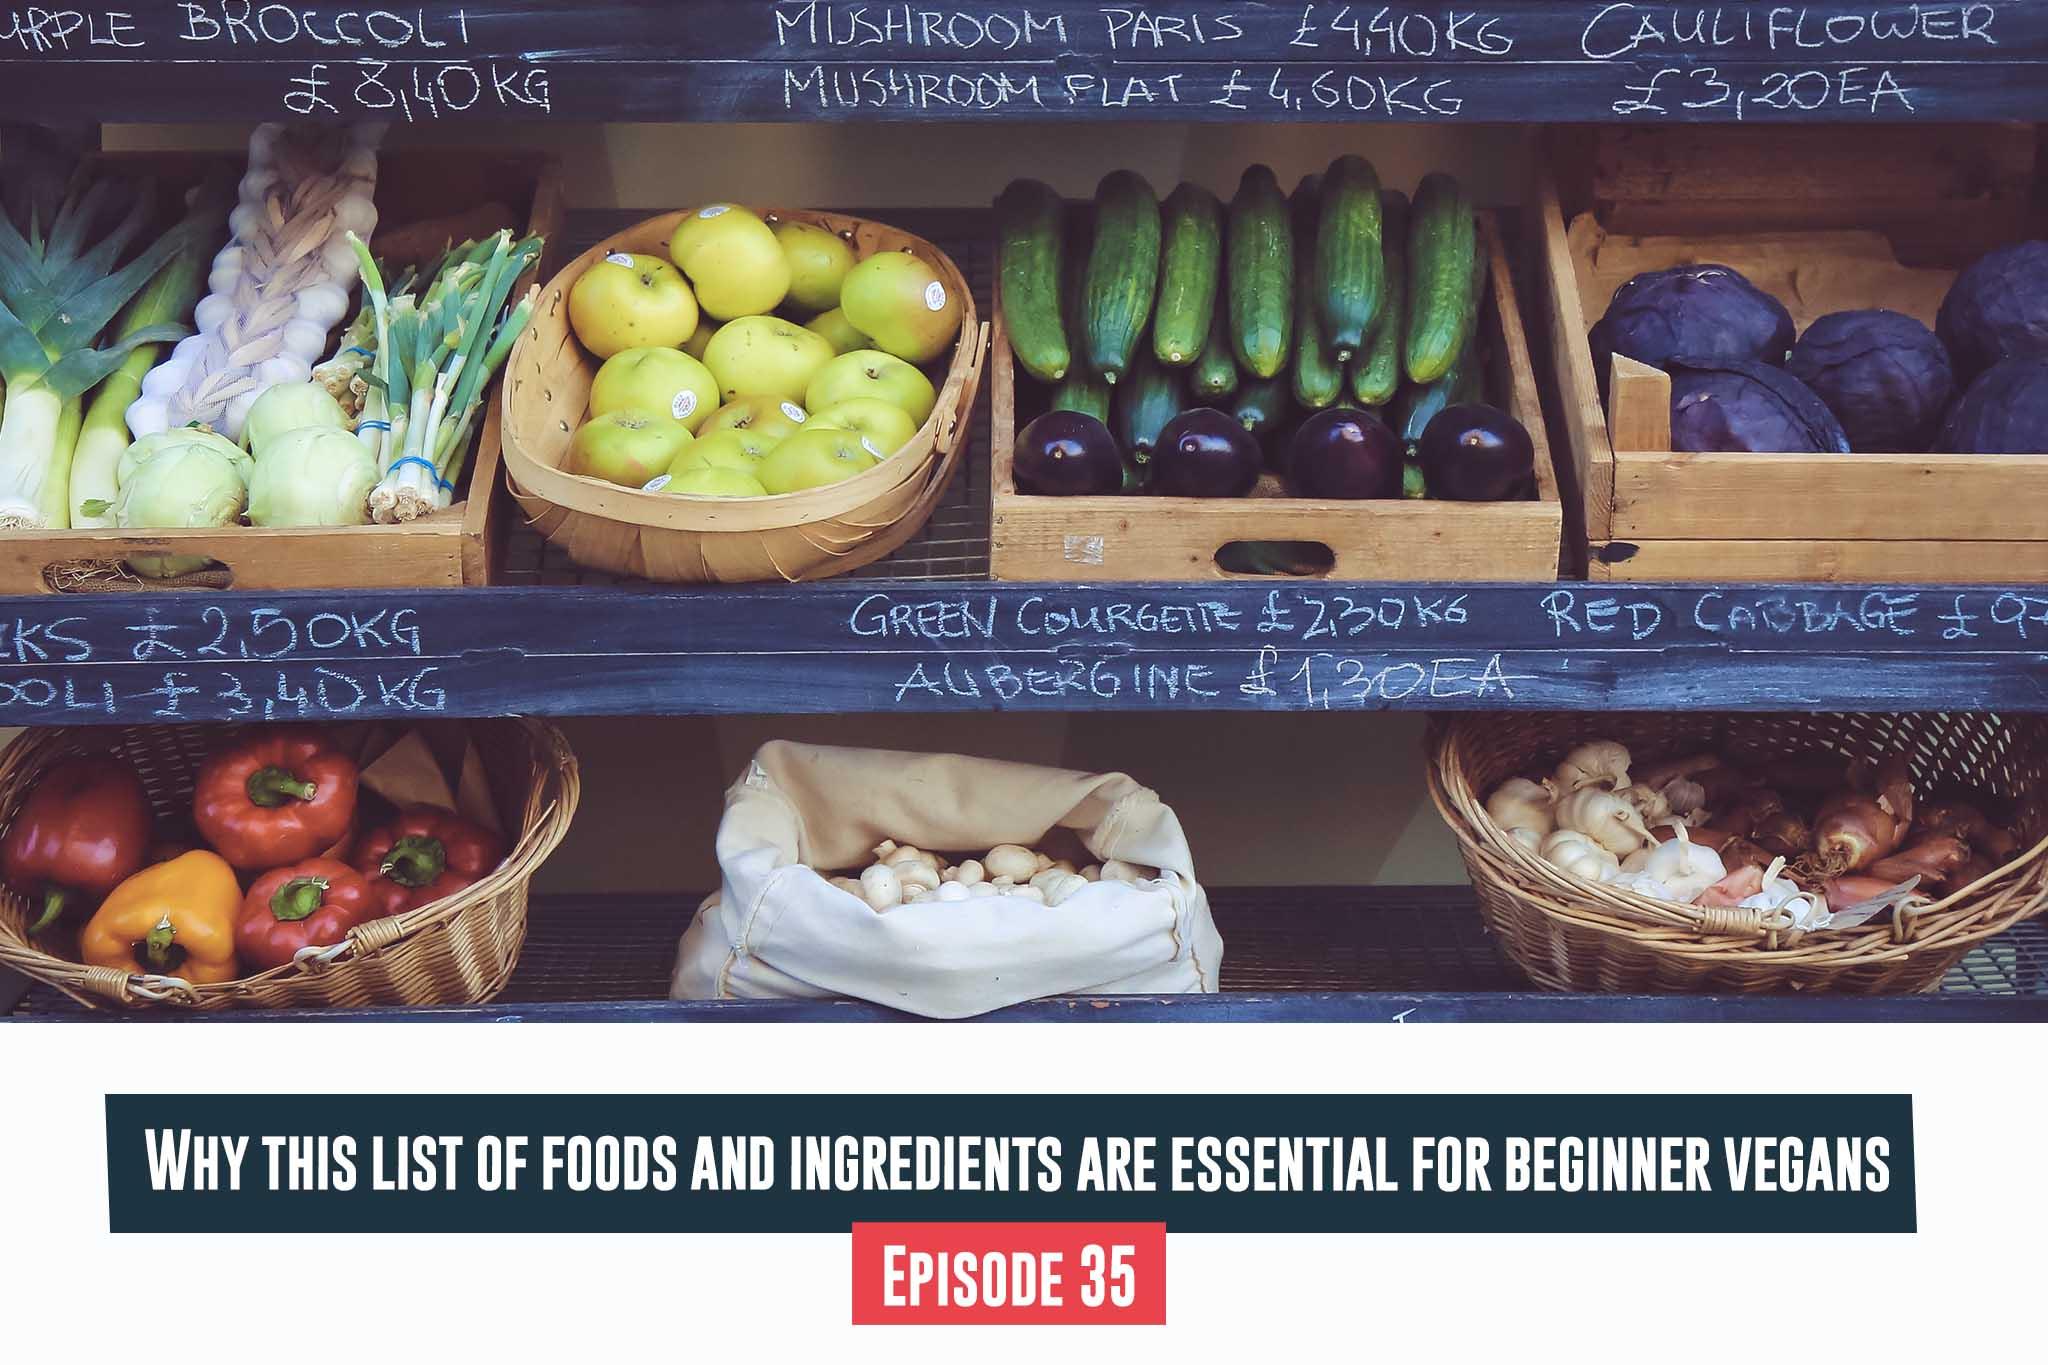 essential for beginner vegans